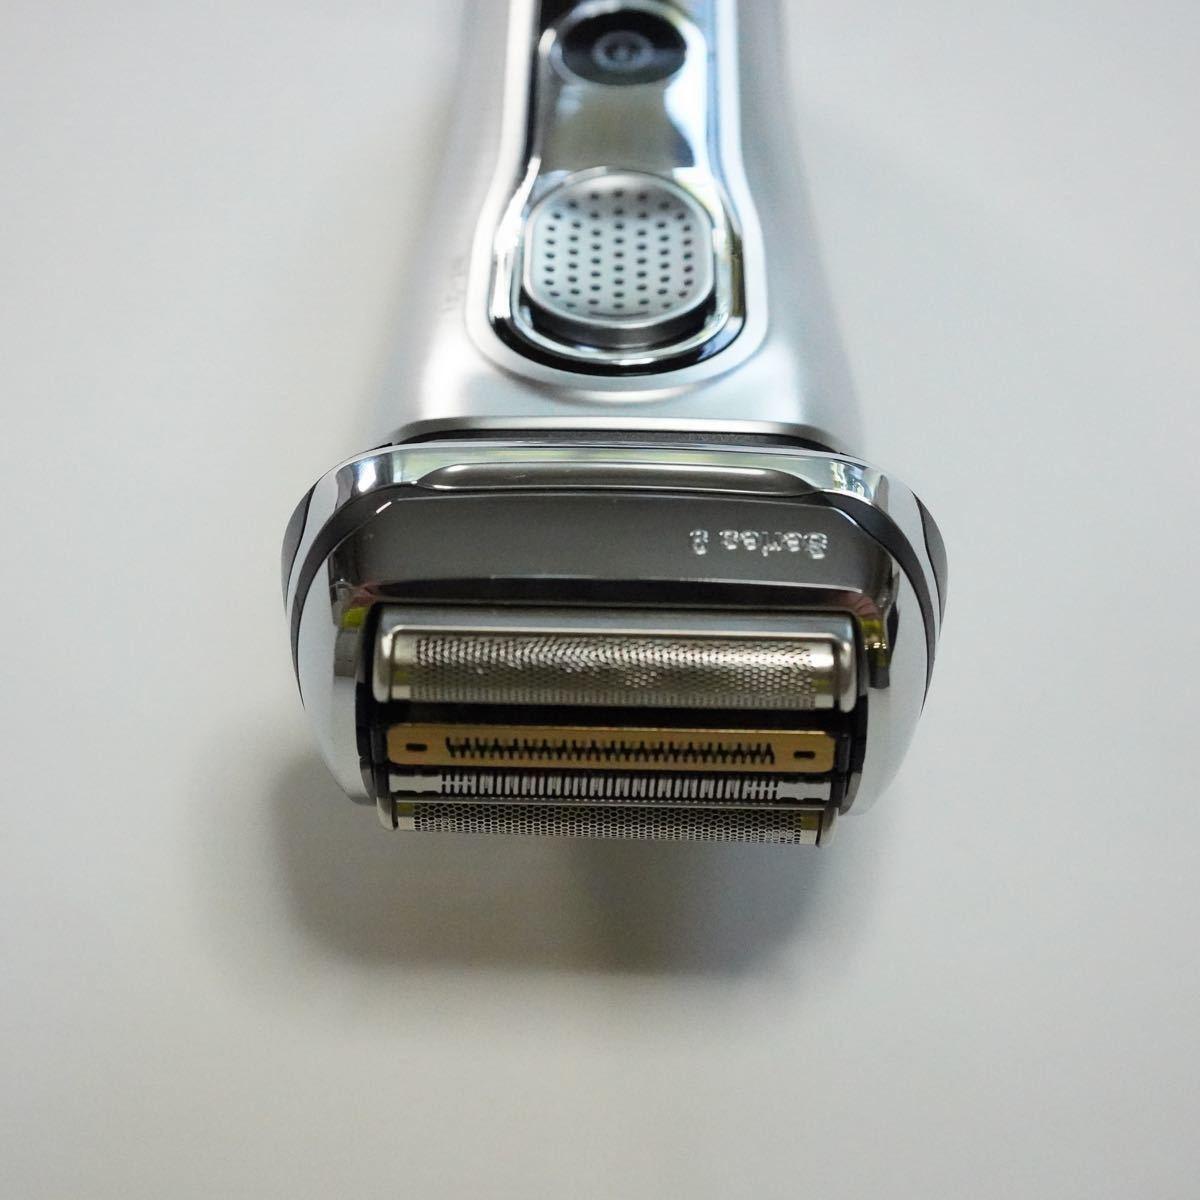 ブラウン BRAUN 9260s メンズシェーバー シリーズ9 電気シェーバー ブラウンシェーバーシリーズ9